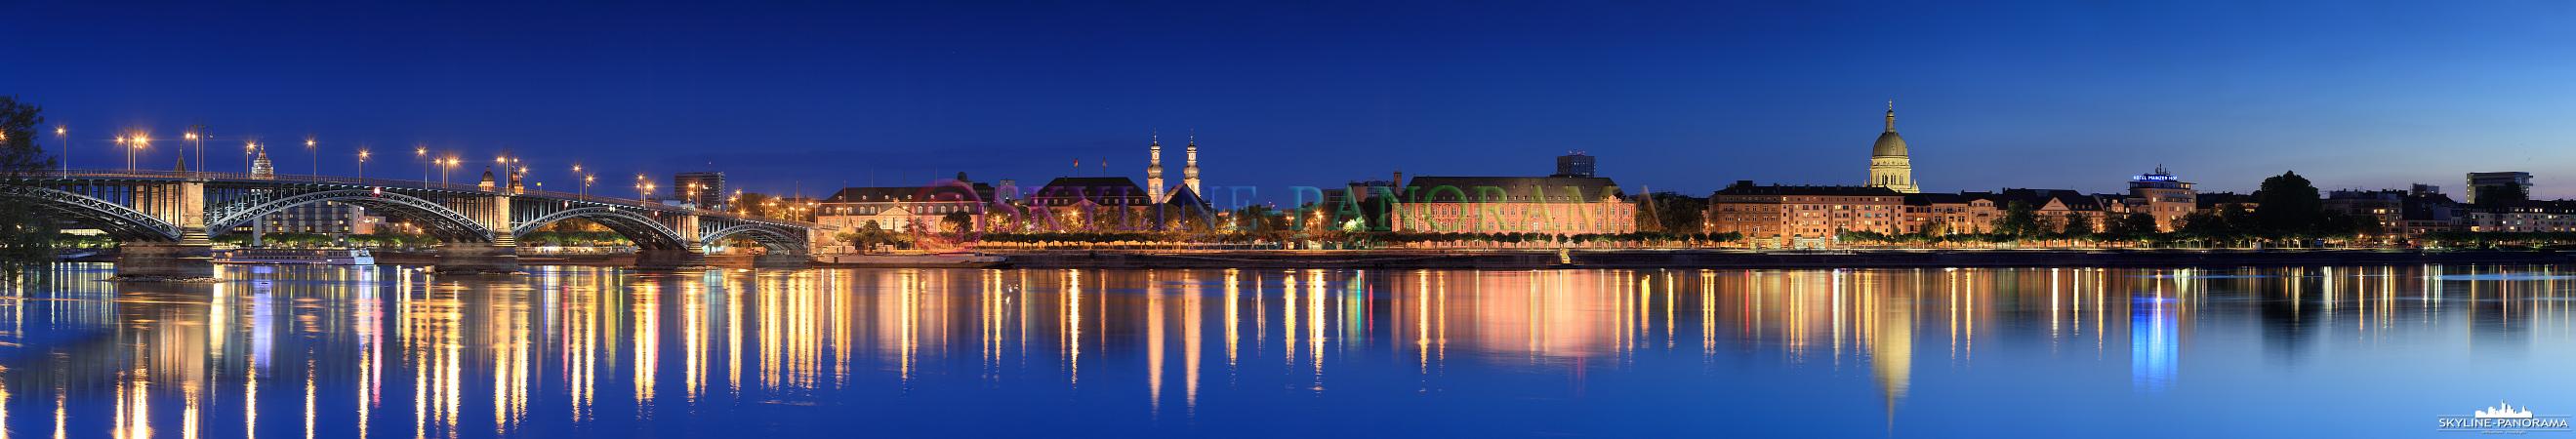 Mainz - Landeshauptstadt Rheinland-Pfalz